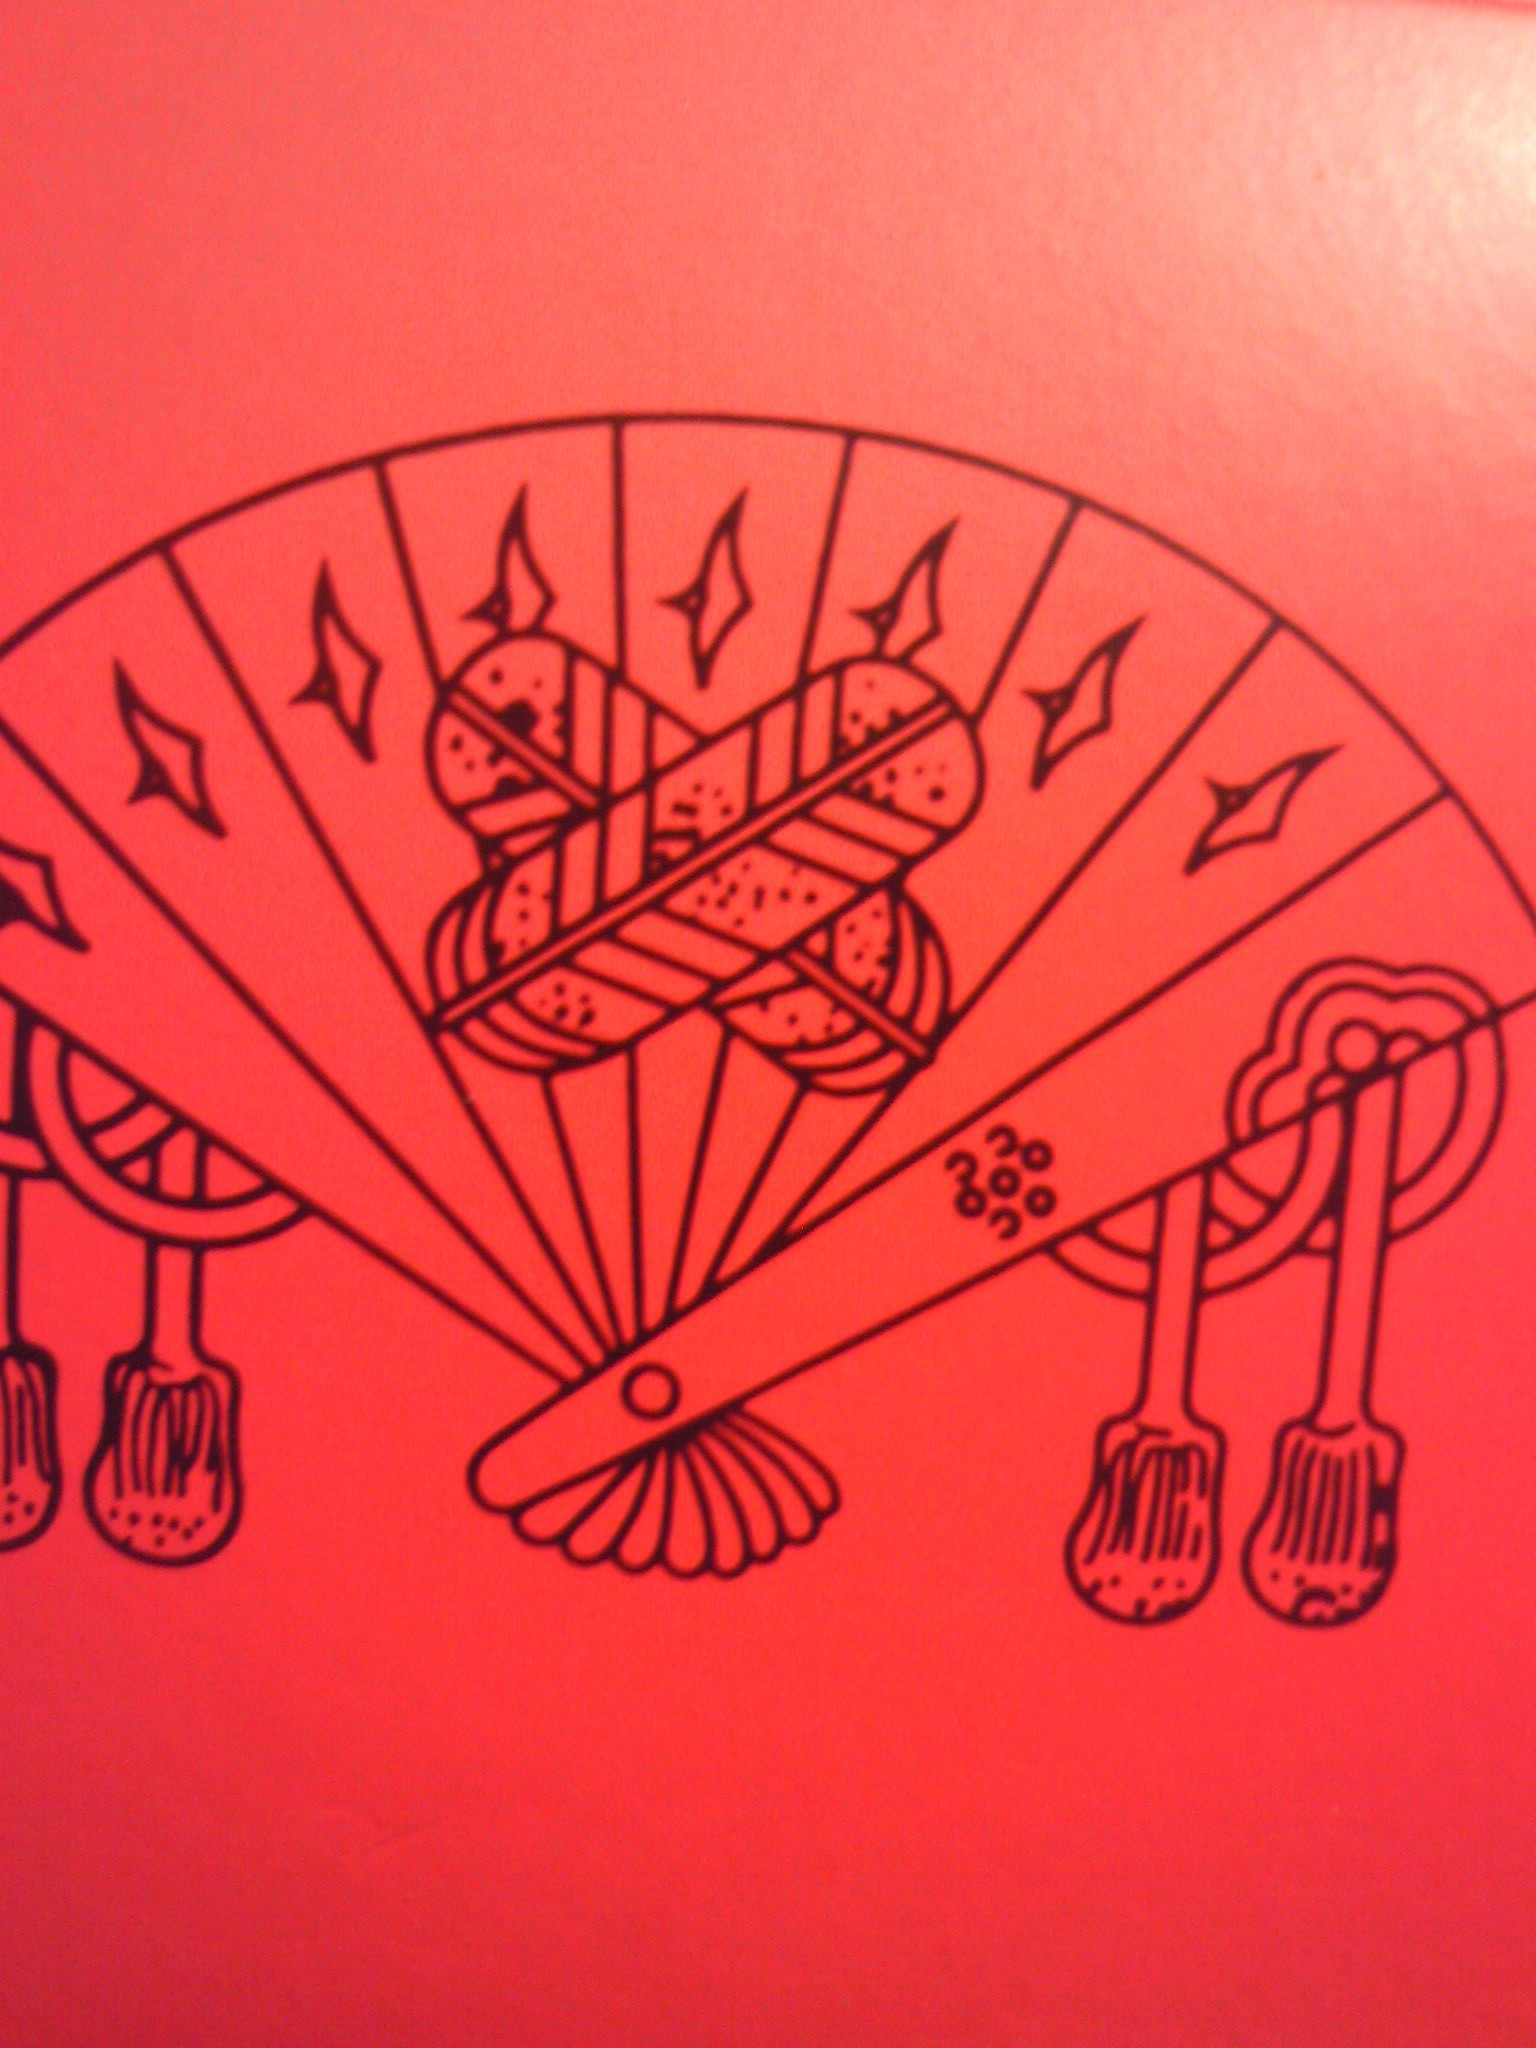 青森ねぶた祭りの起源、そして秋田竿灯、盛岡さんさ踊り、鹿踊り、鬼剣舞…(東北魔界紀行シリーズ)